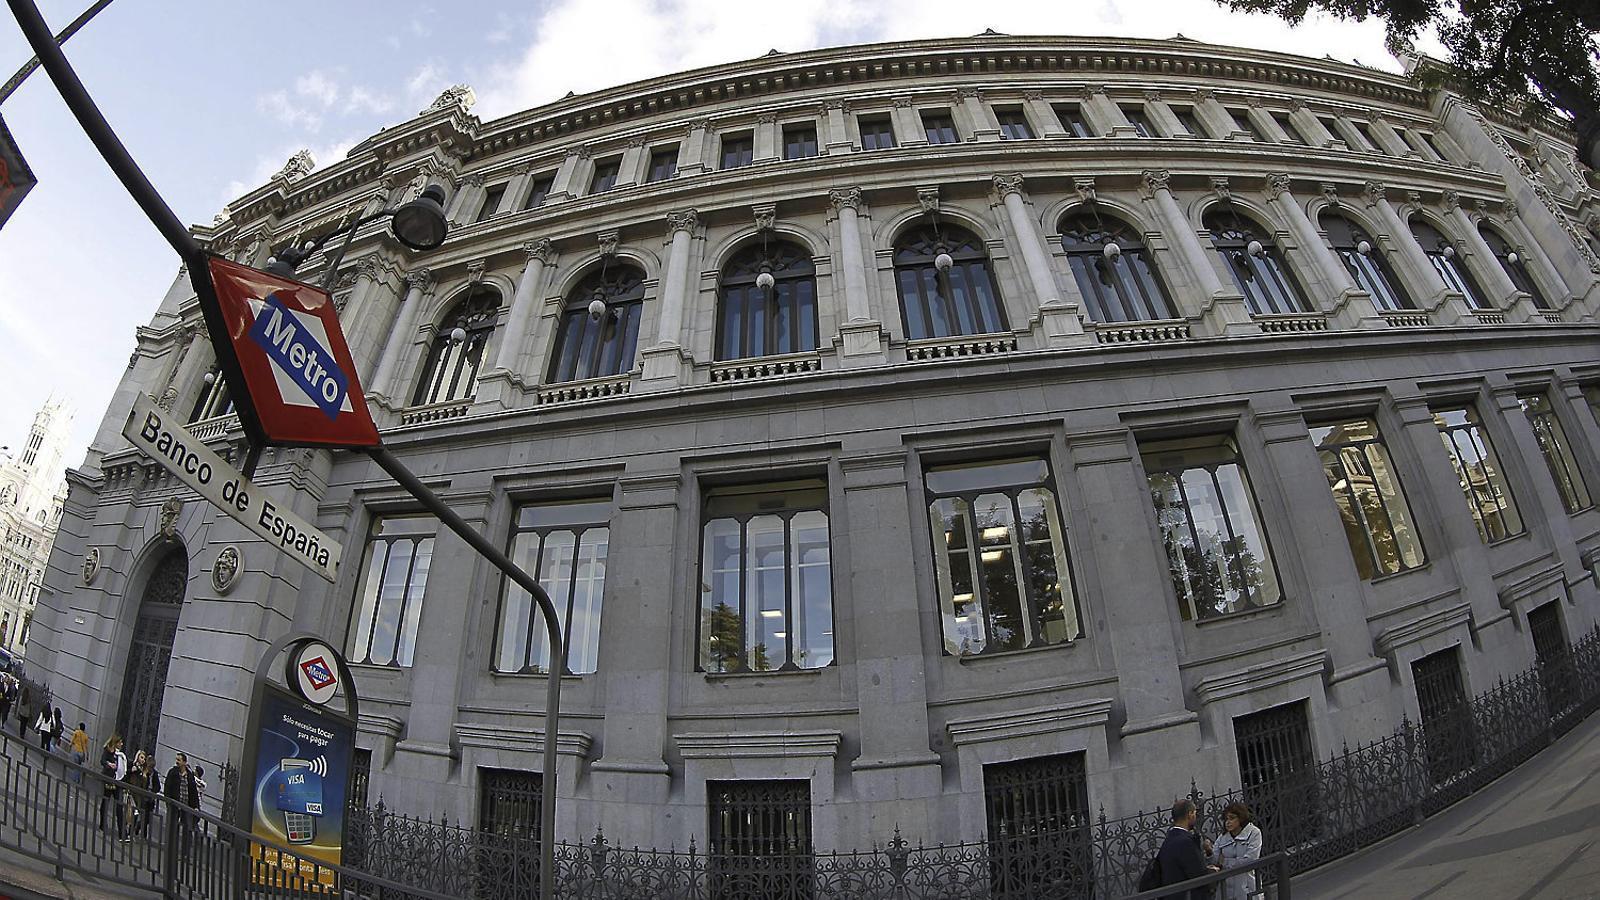 Les últimes dades del Banc d'Espanya posen de manifest la tendència, consolidada des del 2013, de reducció de deute de les famílies.